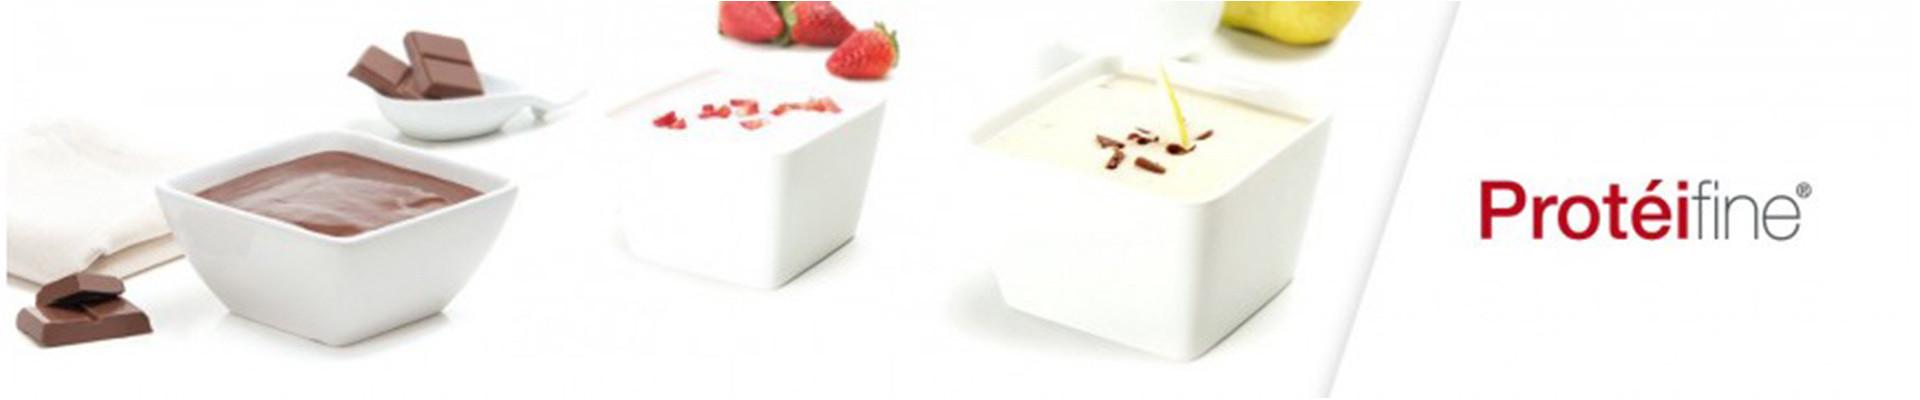 Crèmes Dessert Protéifine